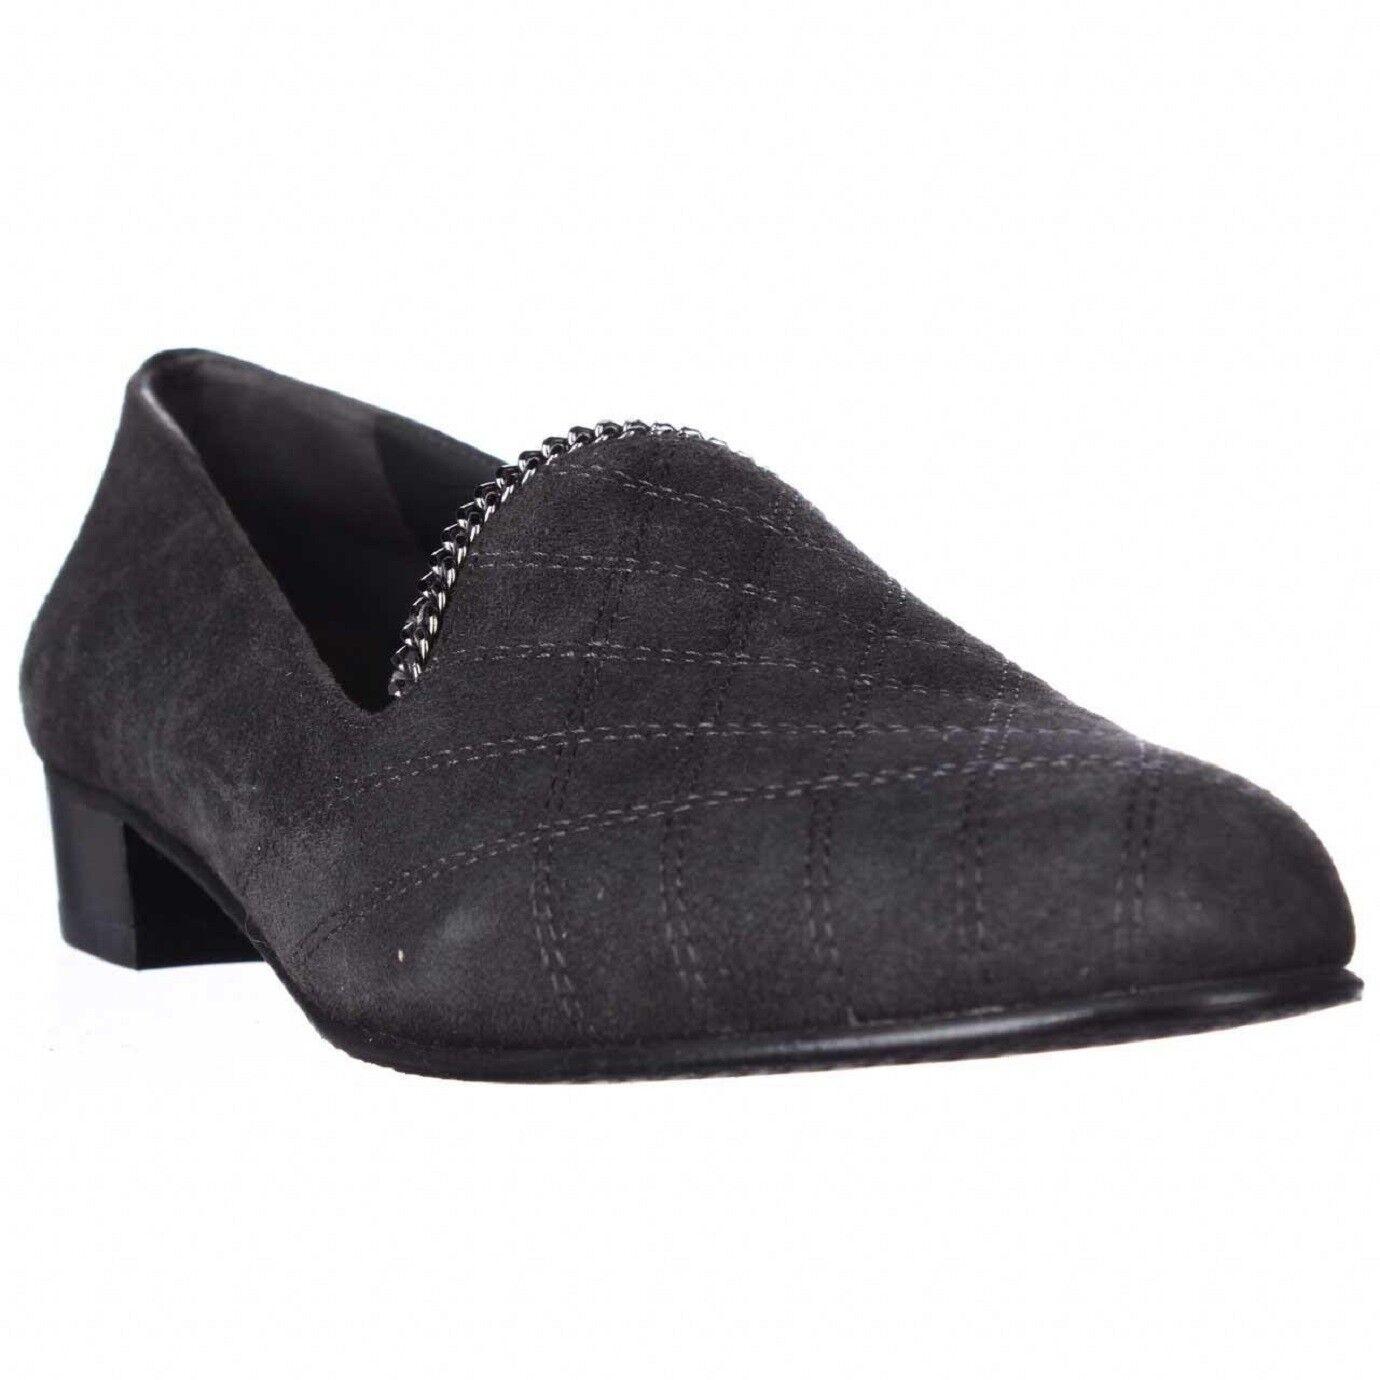 375 Stuart Weitzman femmes Hallmark Suede Loafer chaussures Slate 7.5 NEW IN BOX